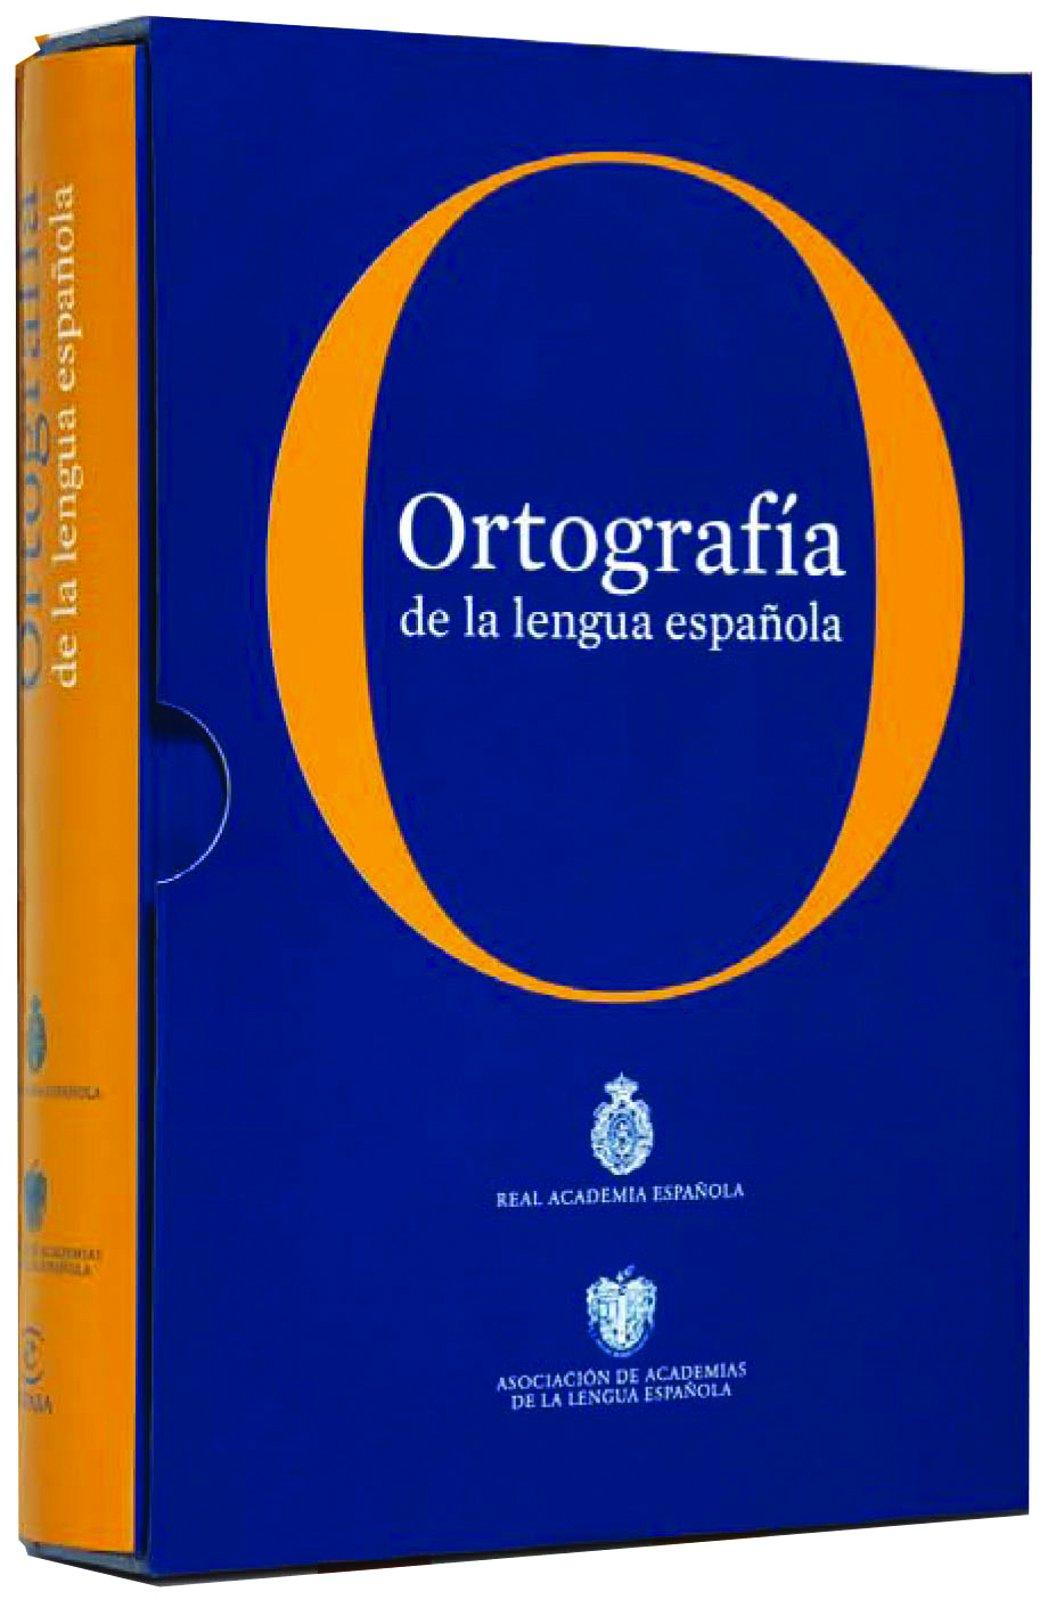 Ortografía de la lengua española NUEVAS OBRAS REAL ACADEMIA ...